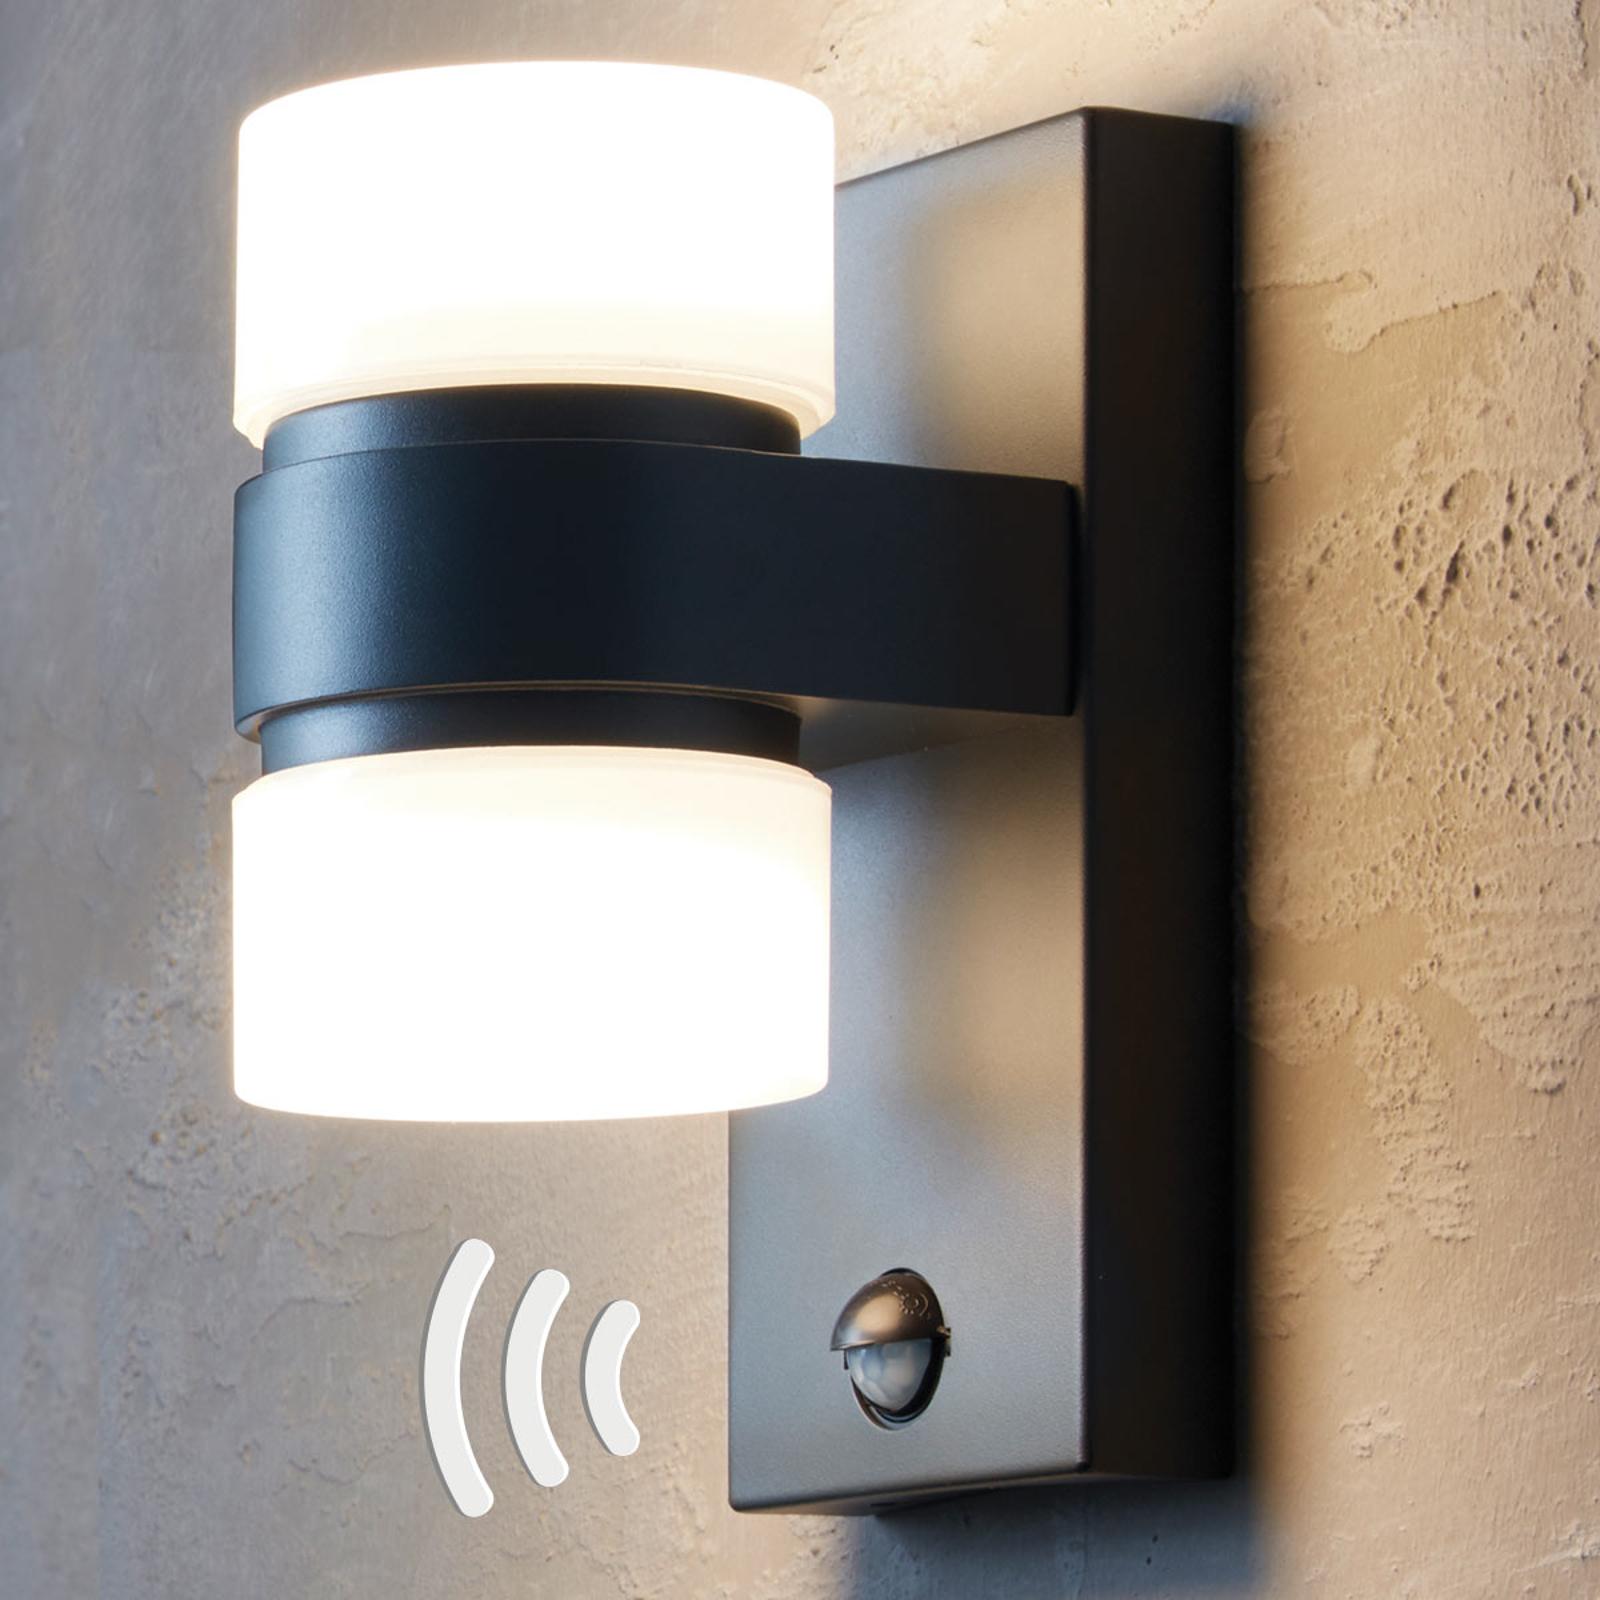 LED-udendørsvæglampe Atollari med bevægelsessensor